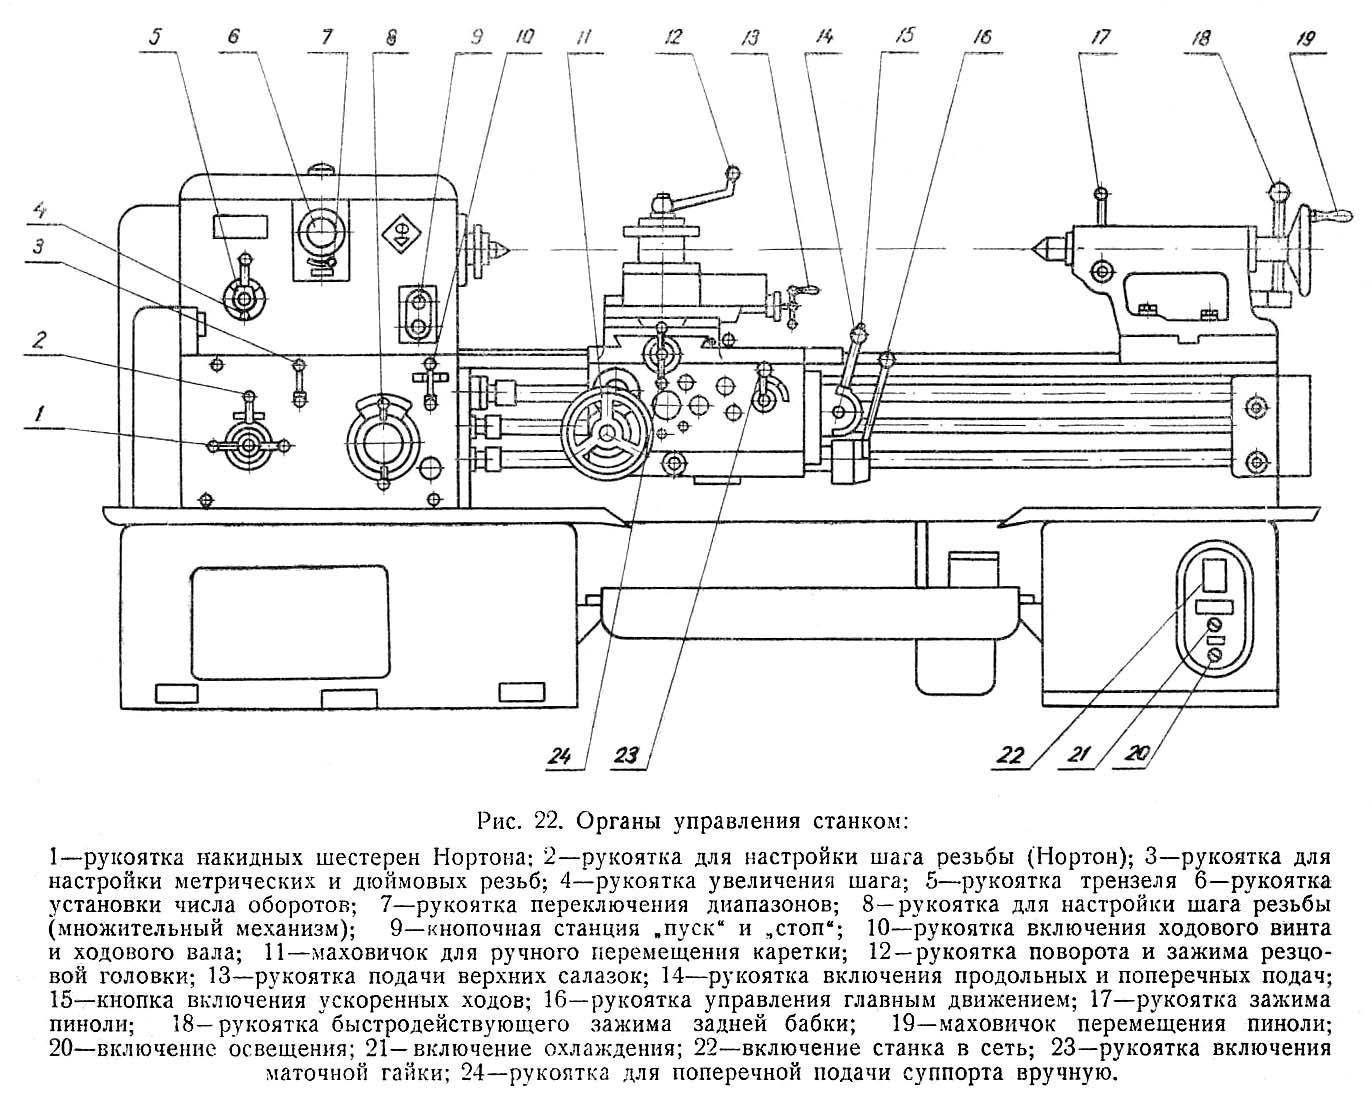 Токарный станок 1а616: технические характеристики, паспорт, схемы